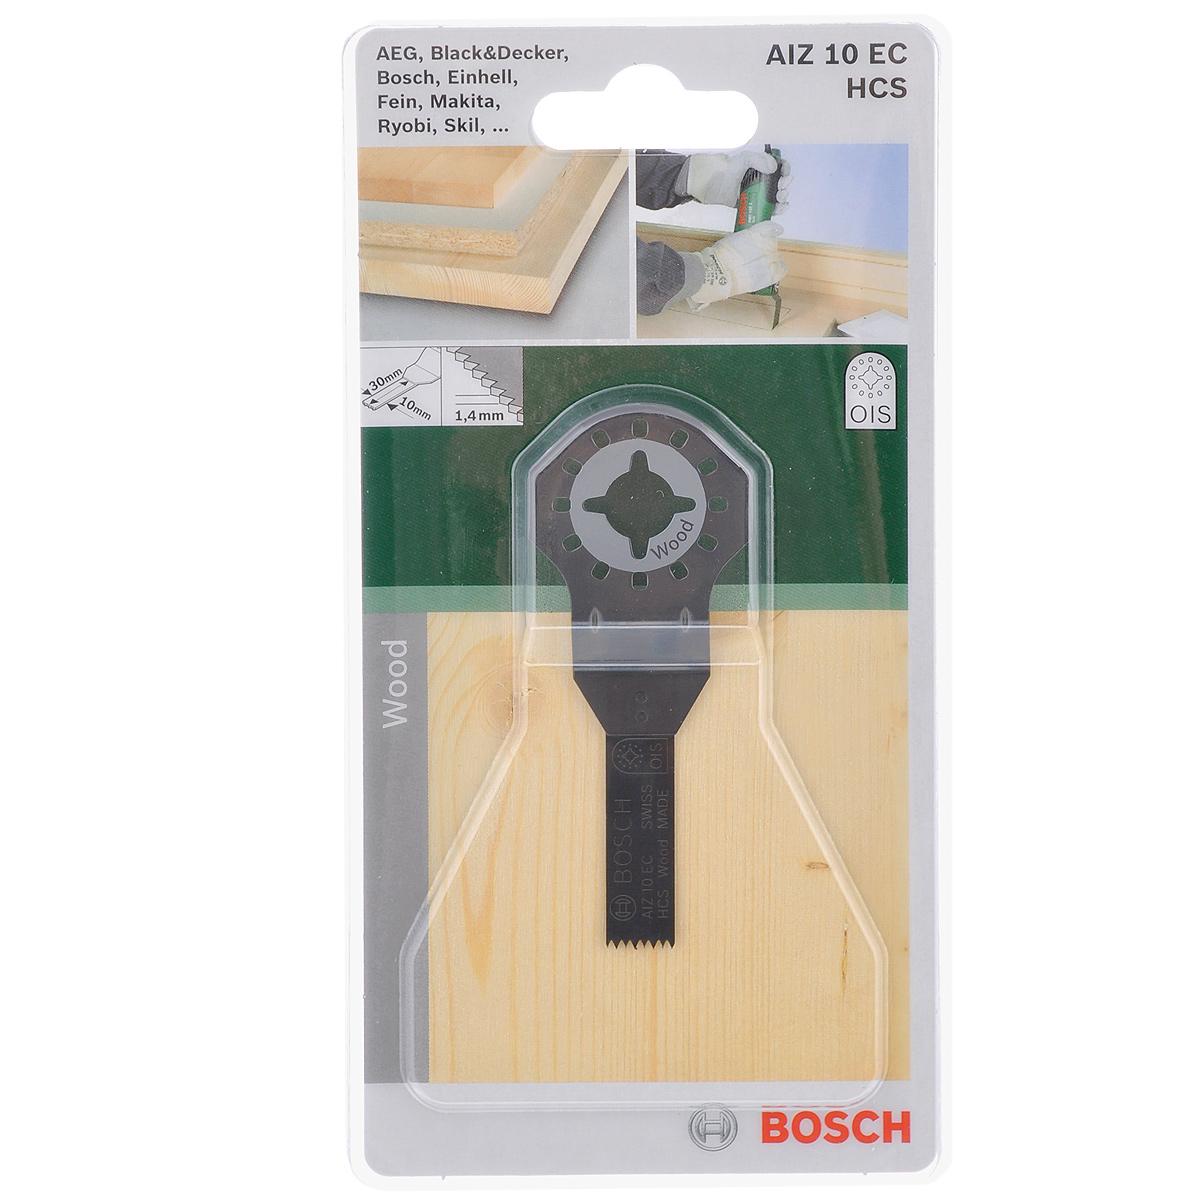 Пильное полотно по дереву Bosch HCS, для PMF 180, 30х10 мм2609256949Погружное пильное полотно Bosch изготовлено из высокоуглеродистой стали (HCS) и используется в многофункциональном инструменте PMF 180 (универсальный резак). С его помощью осуществляют рез заподлицо в труднодоступных местах в древесине. Применяют во время строительства, например, когда необходимо произвести монтаж вентиляционной решетки или вырезать проем в мебели. Шаг зубьев: 1,4 мм.